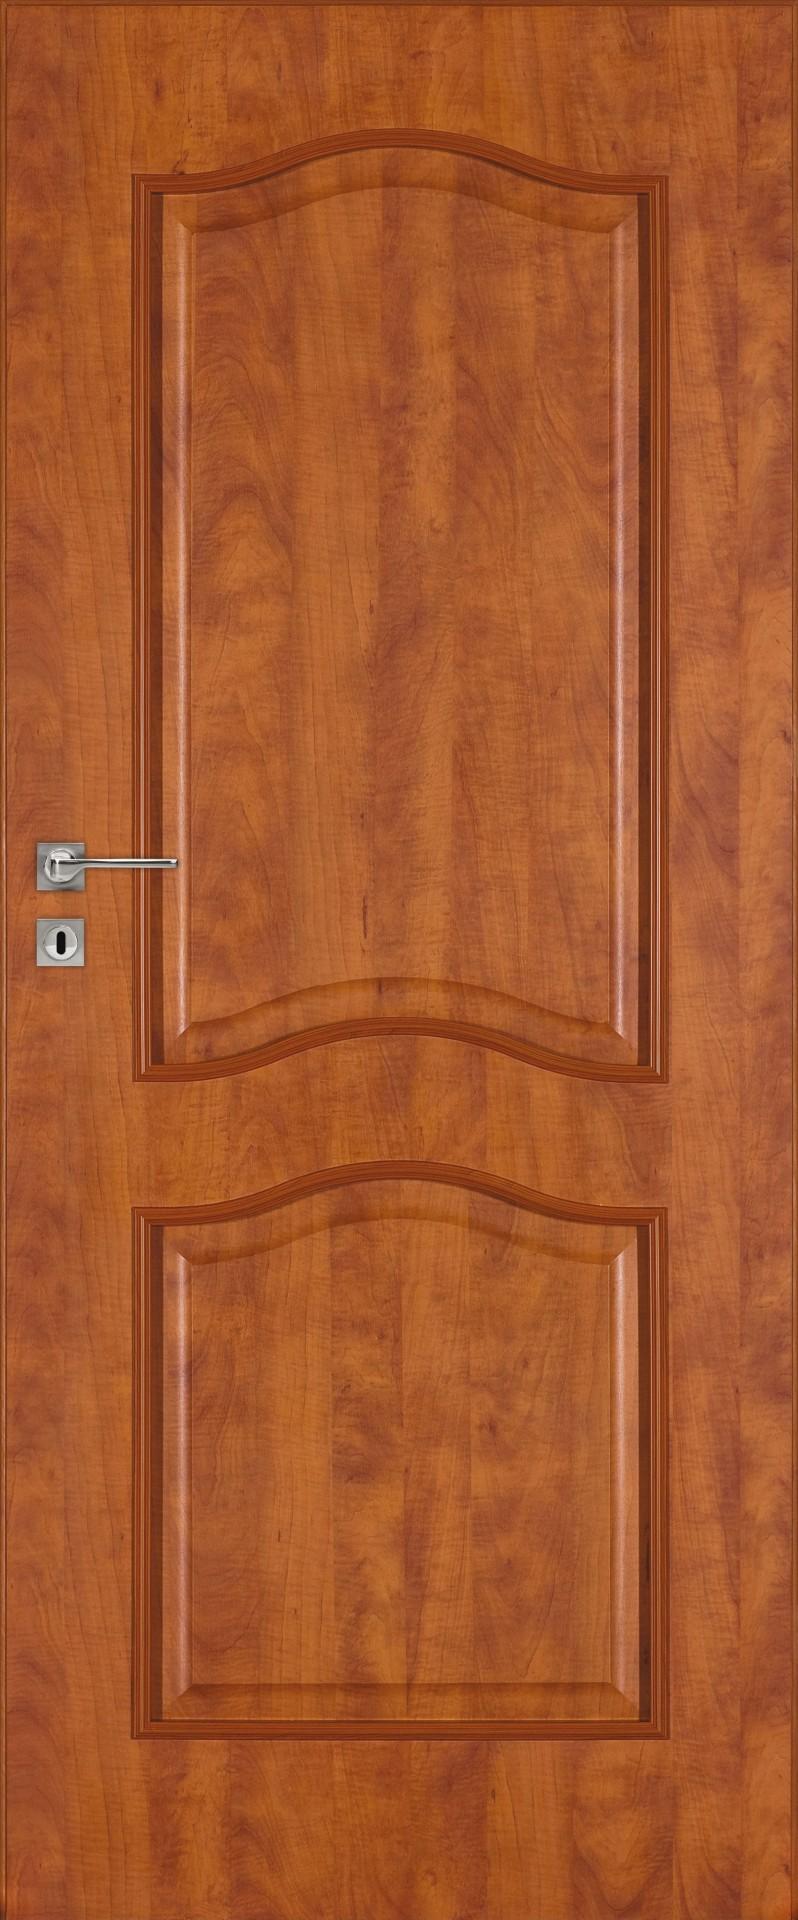 Dre dveře Classic 10, Šíře v cm 70